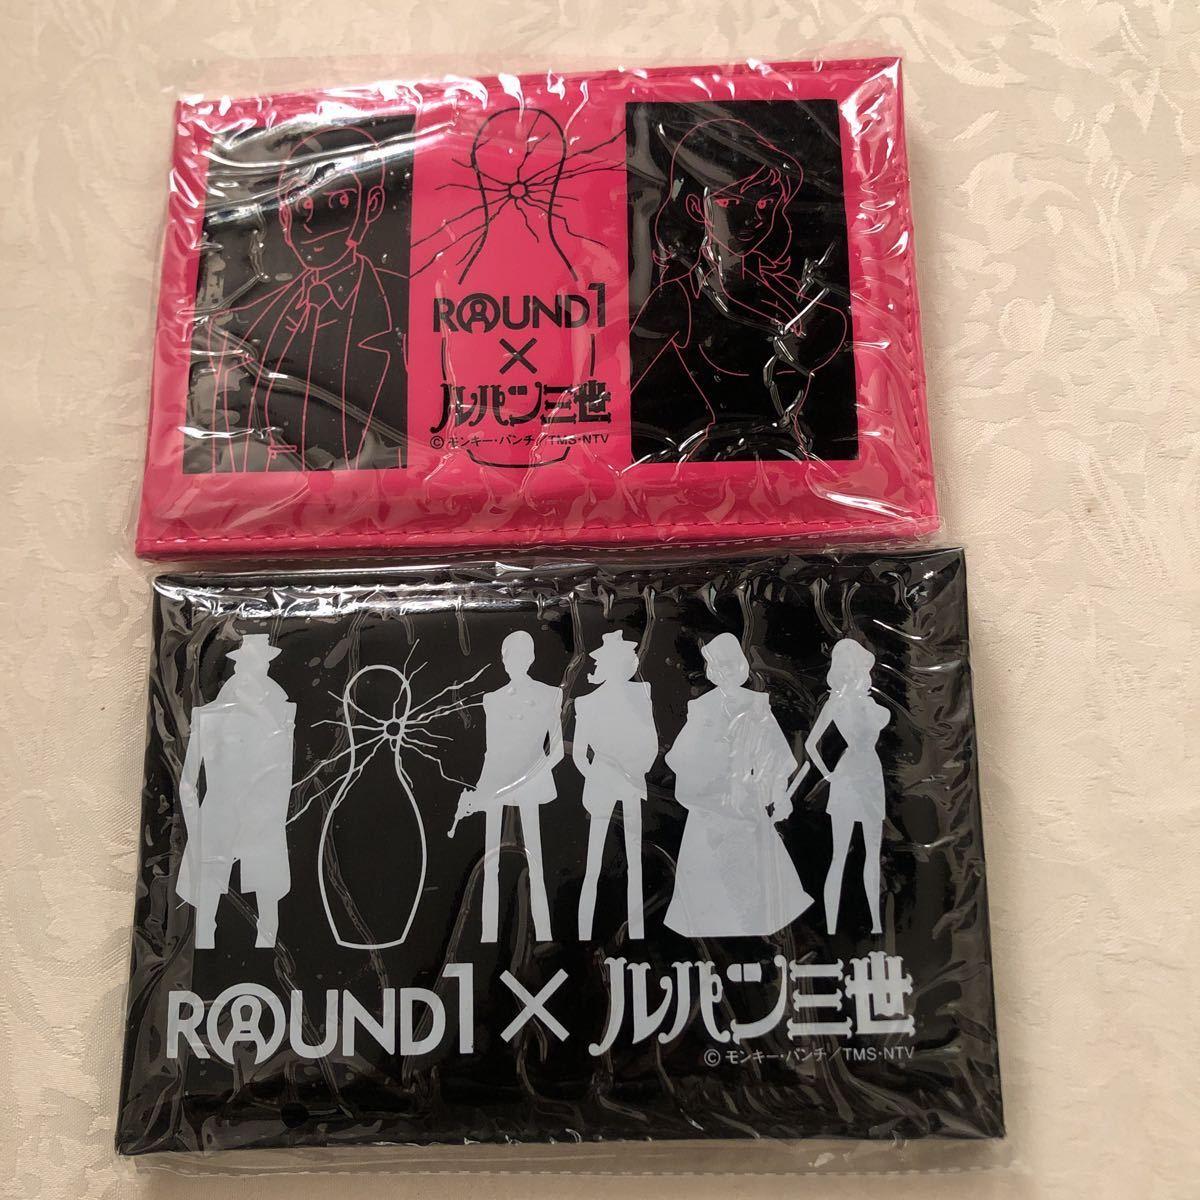 【新品】ROUND1×ルパン三世 モンキー・パンチ/ミラー付きフォトケース黒ピンク/2個セット_画像1